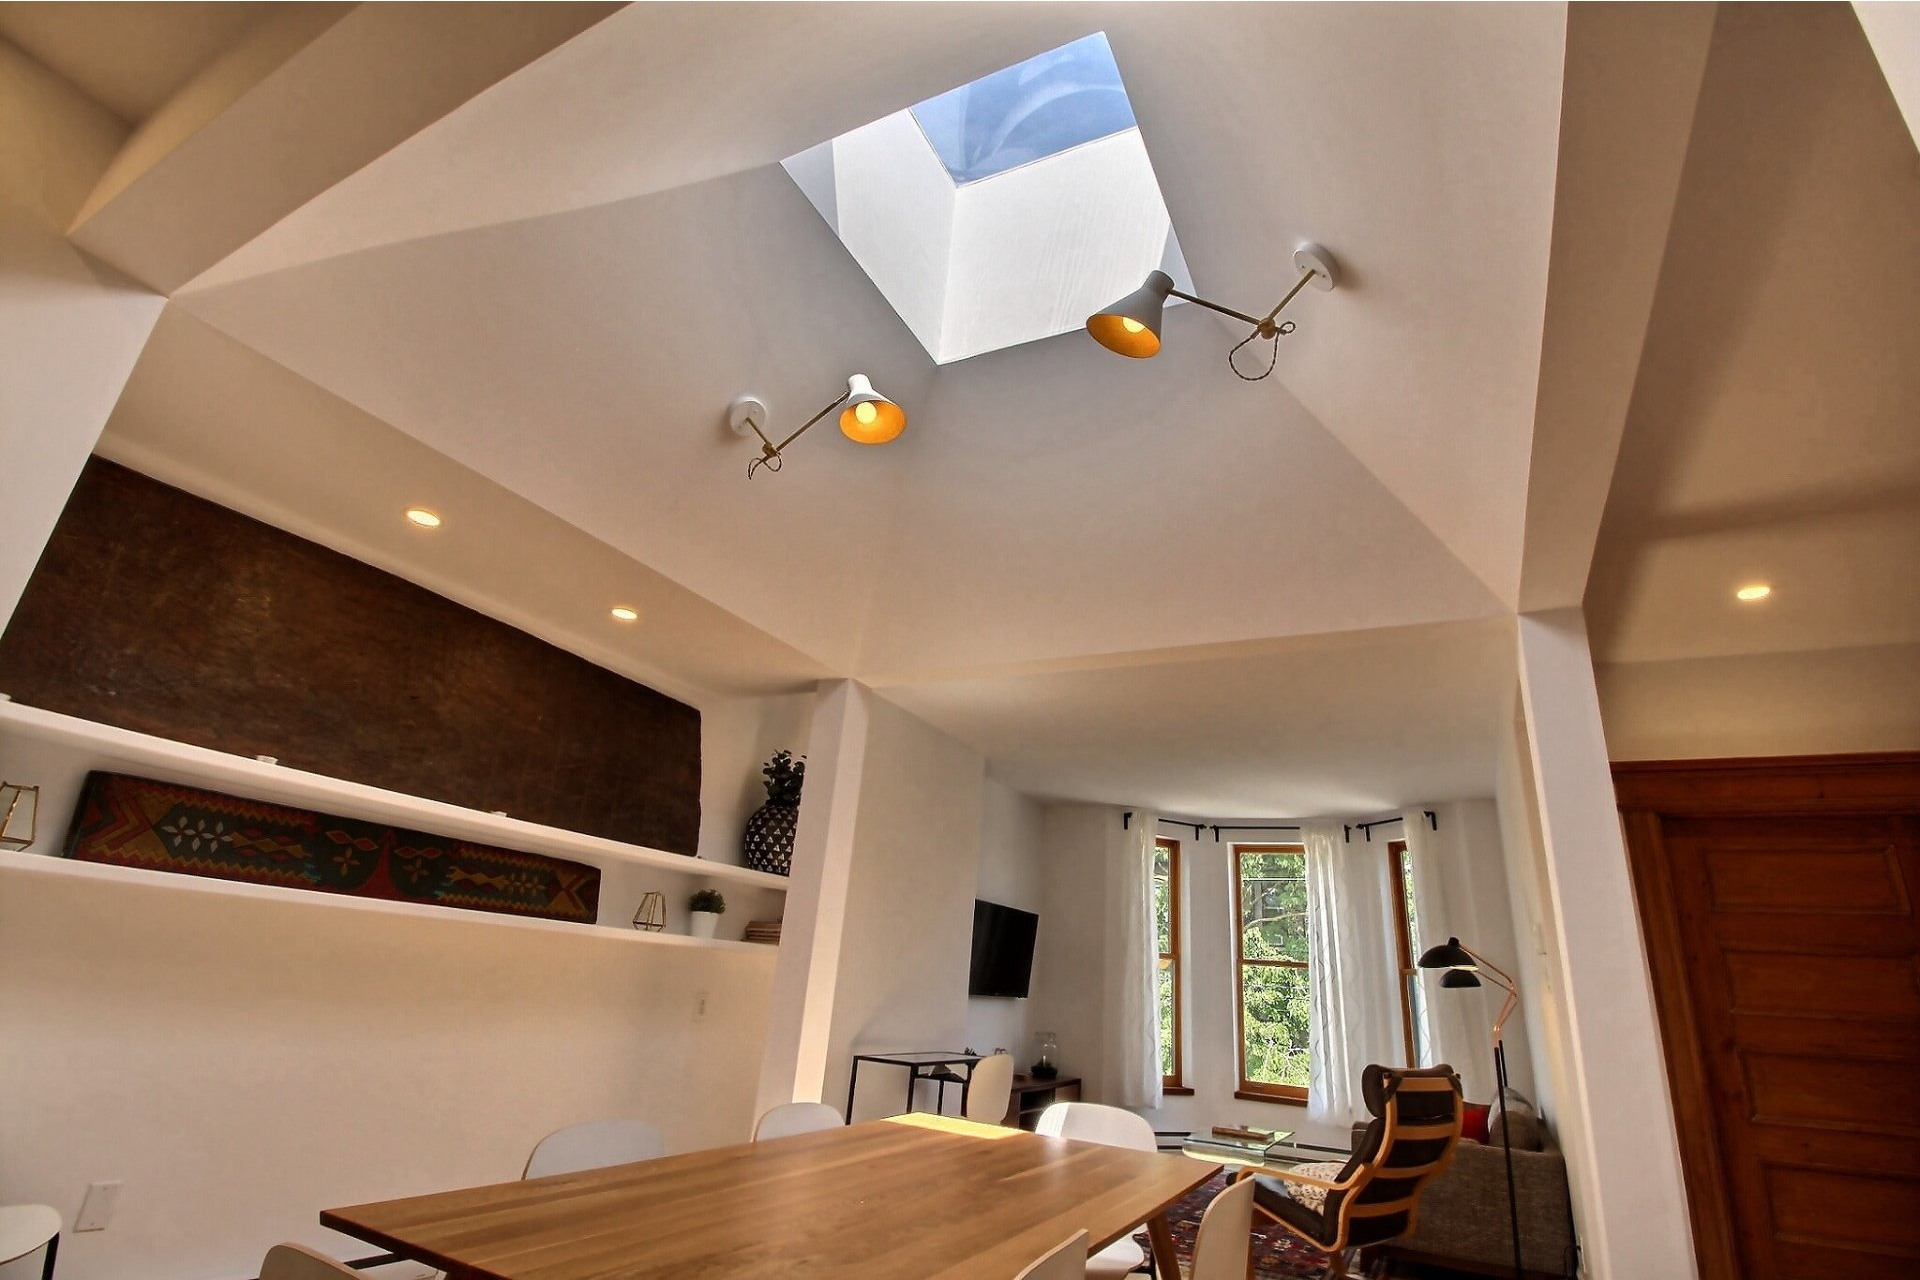 image 42 - Duplex For sale Le Plateau-Mont-Royal Montréal  - 5 rooms